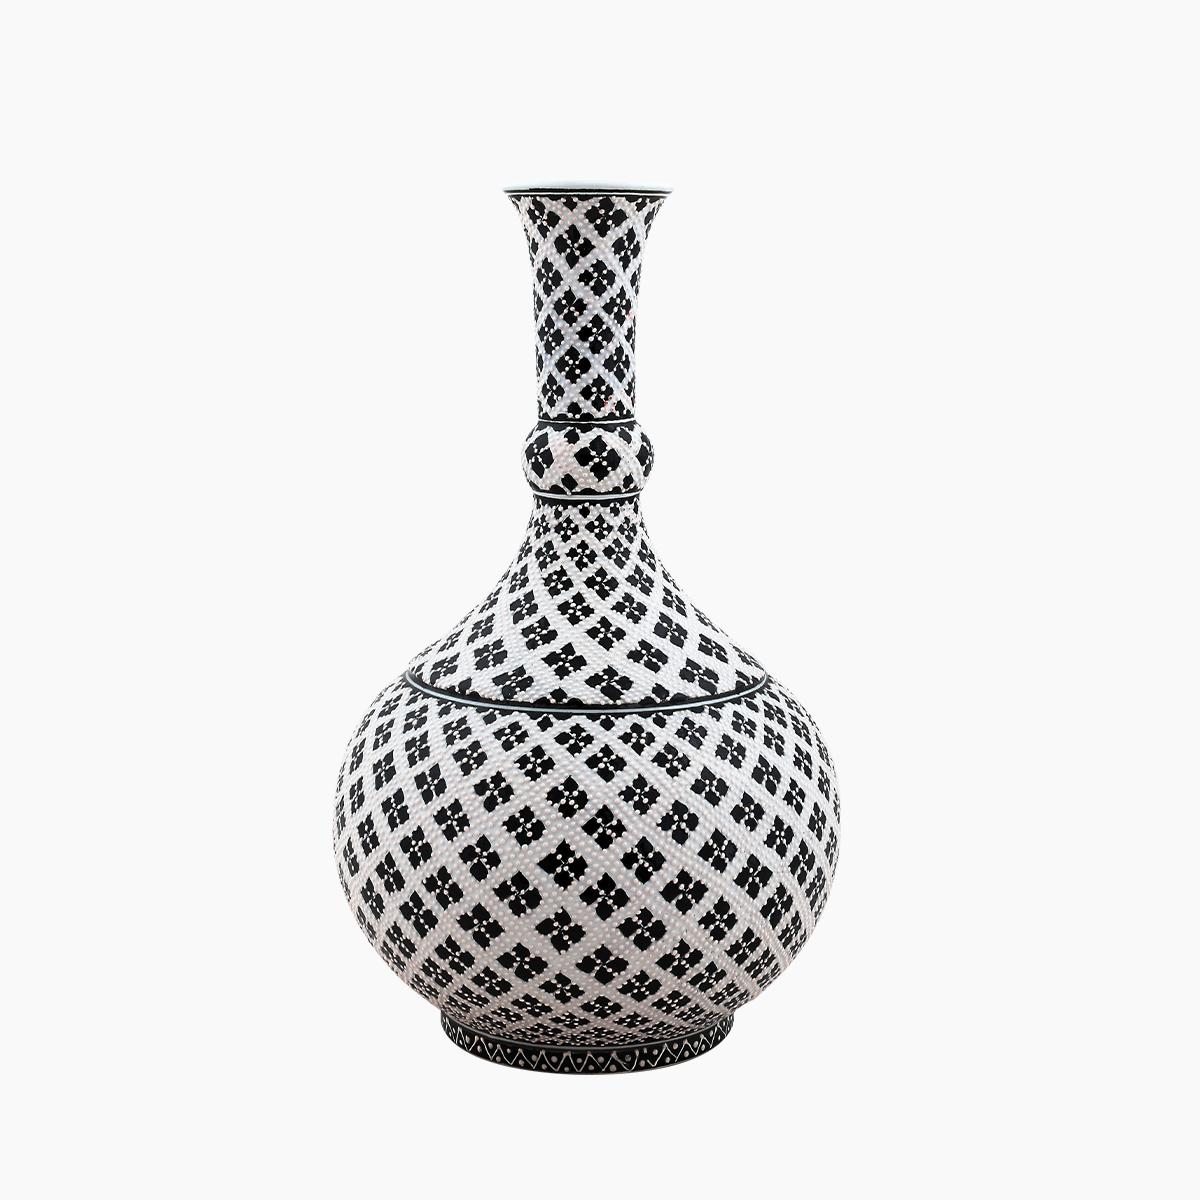 Vase-14